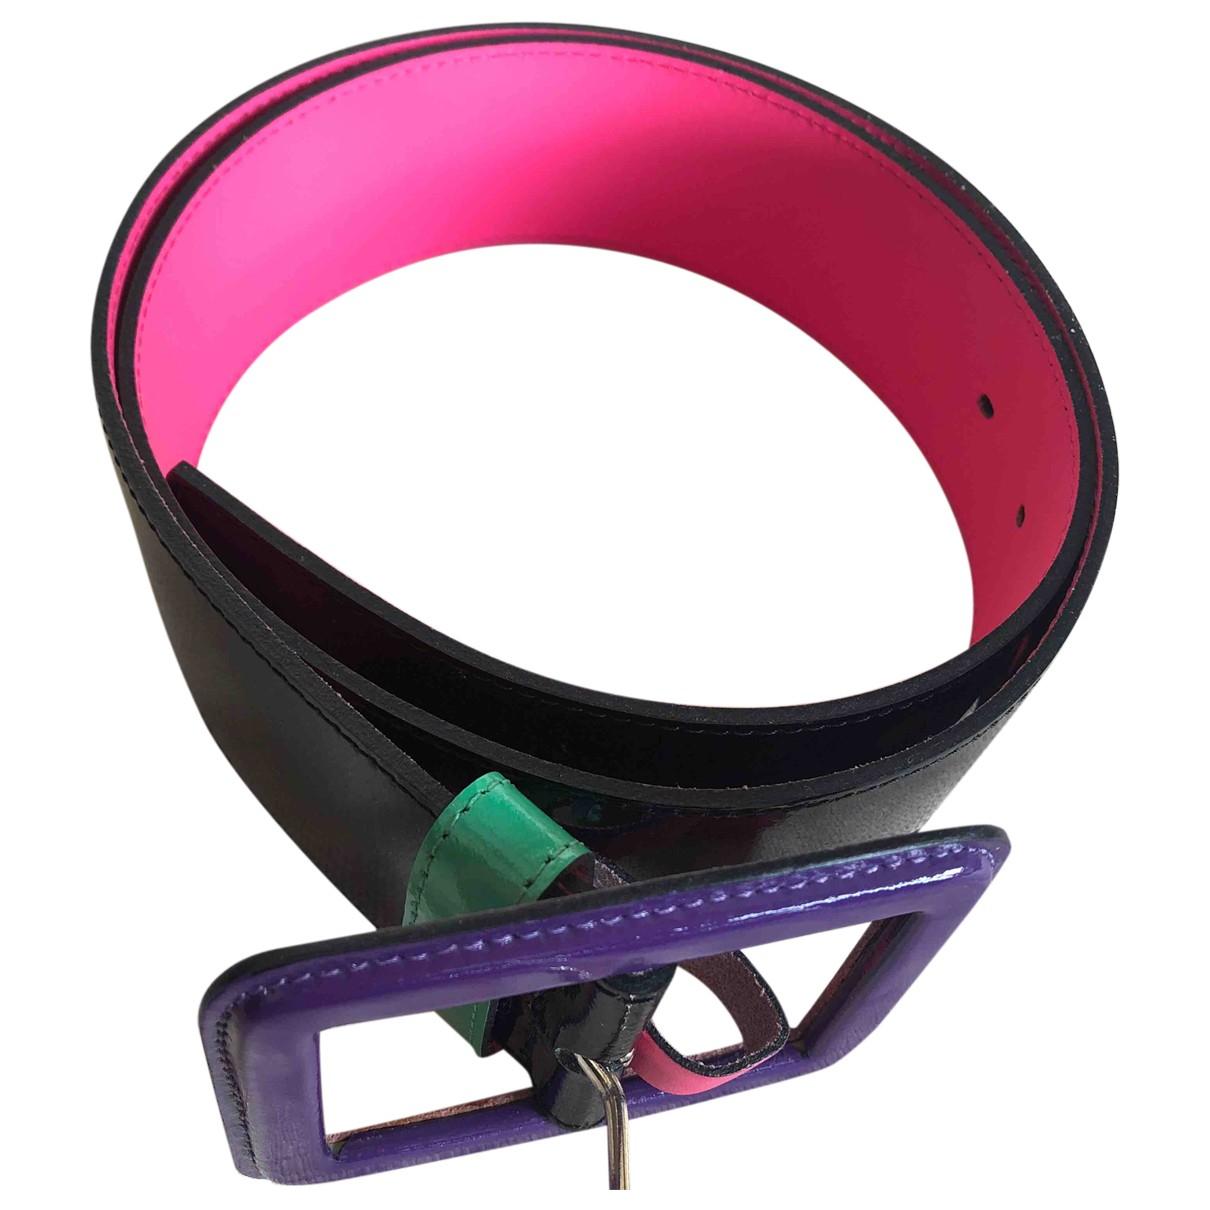 Cinturon de Cuero Sonia By Sonia Rykiel